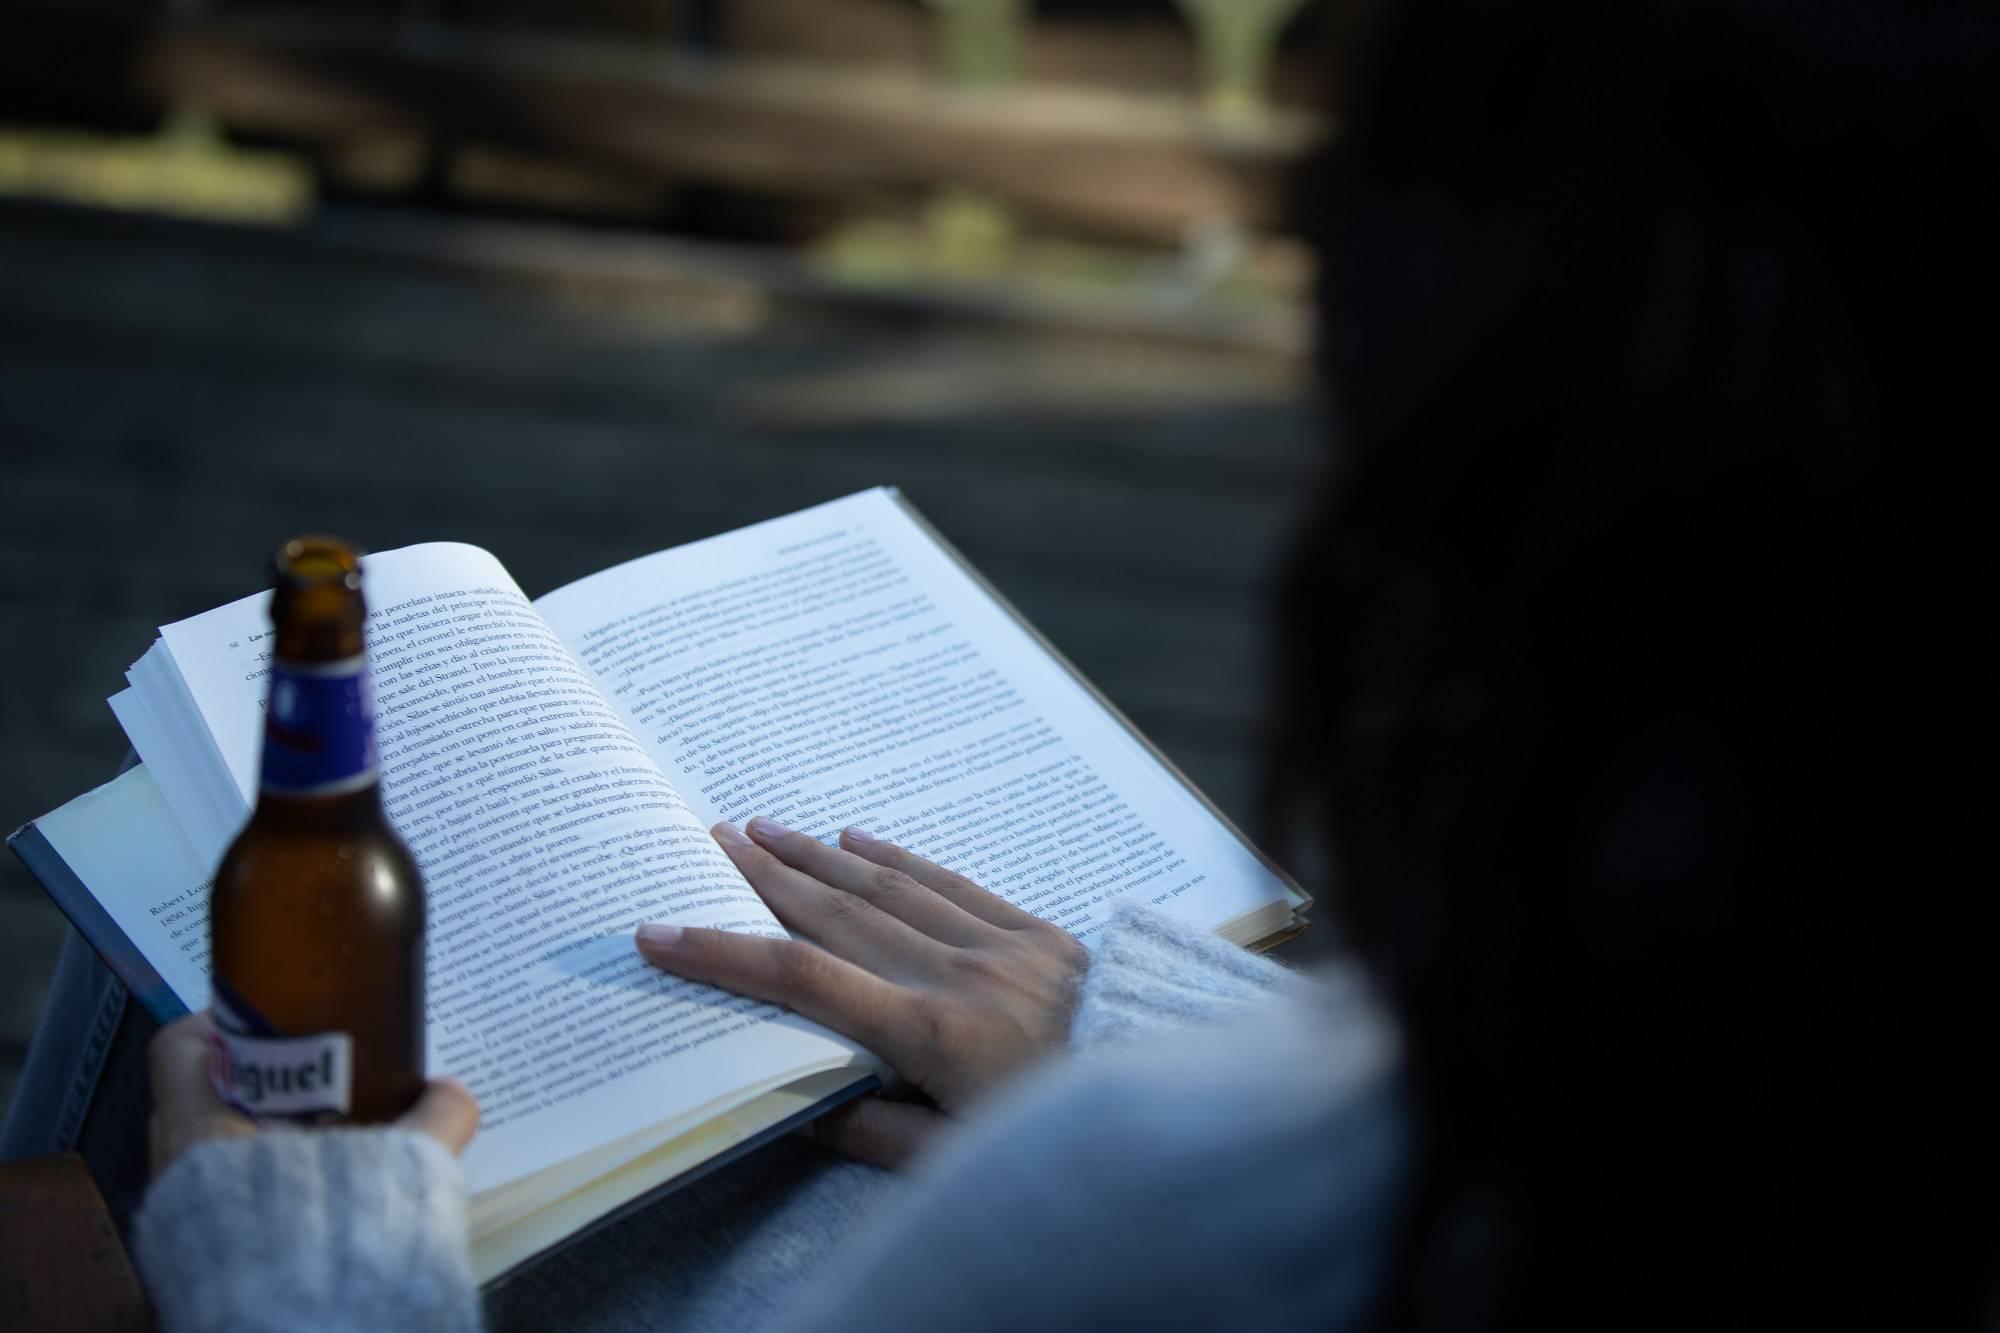 chica bebiendo San Miguel 0,0 mientra lee